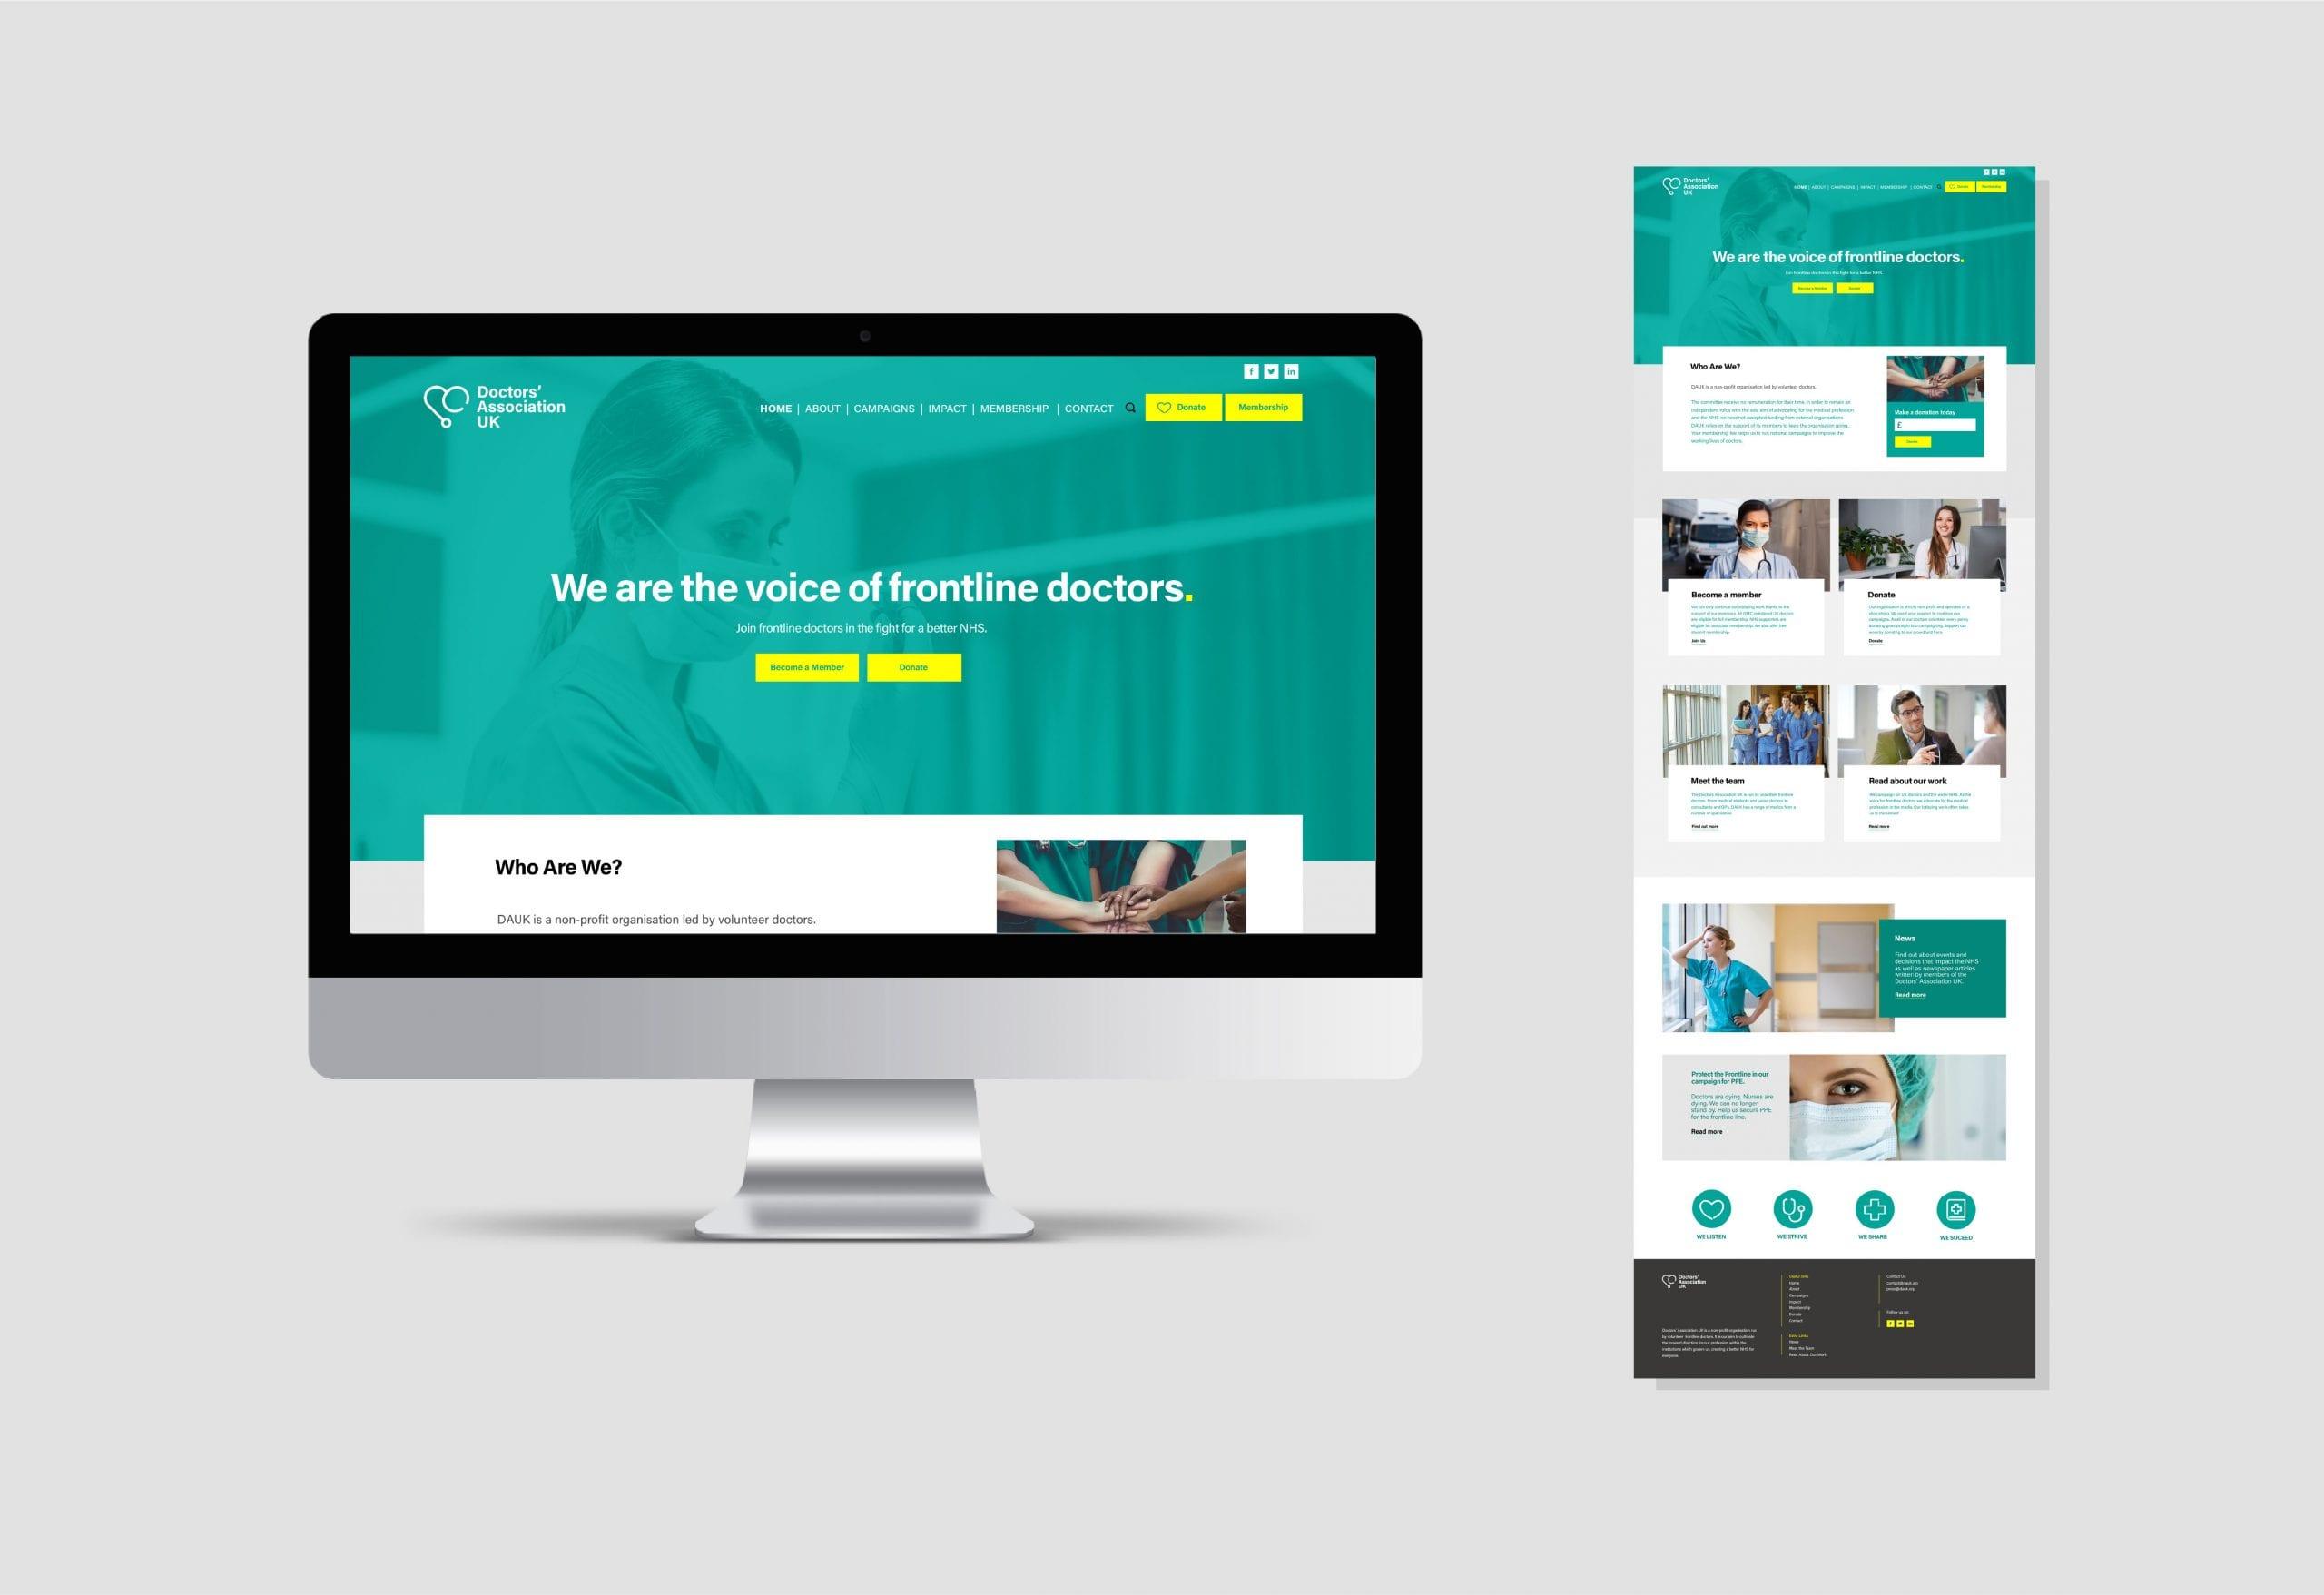 Doctors' Association UK Website design